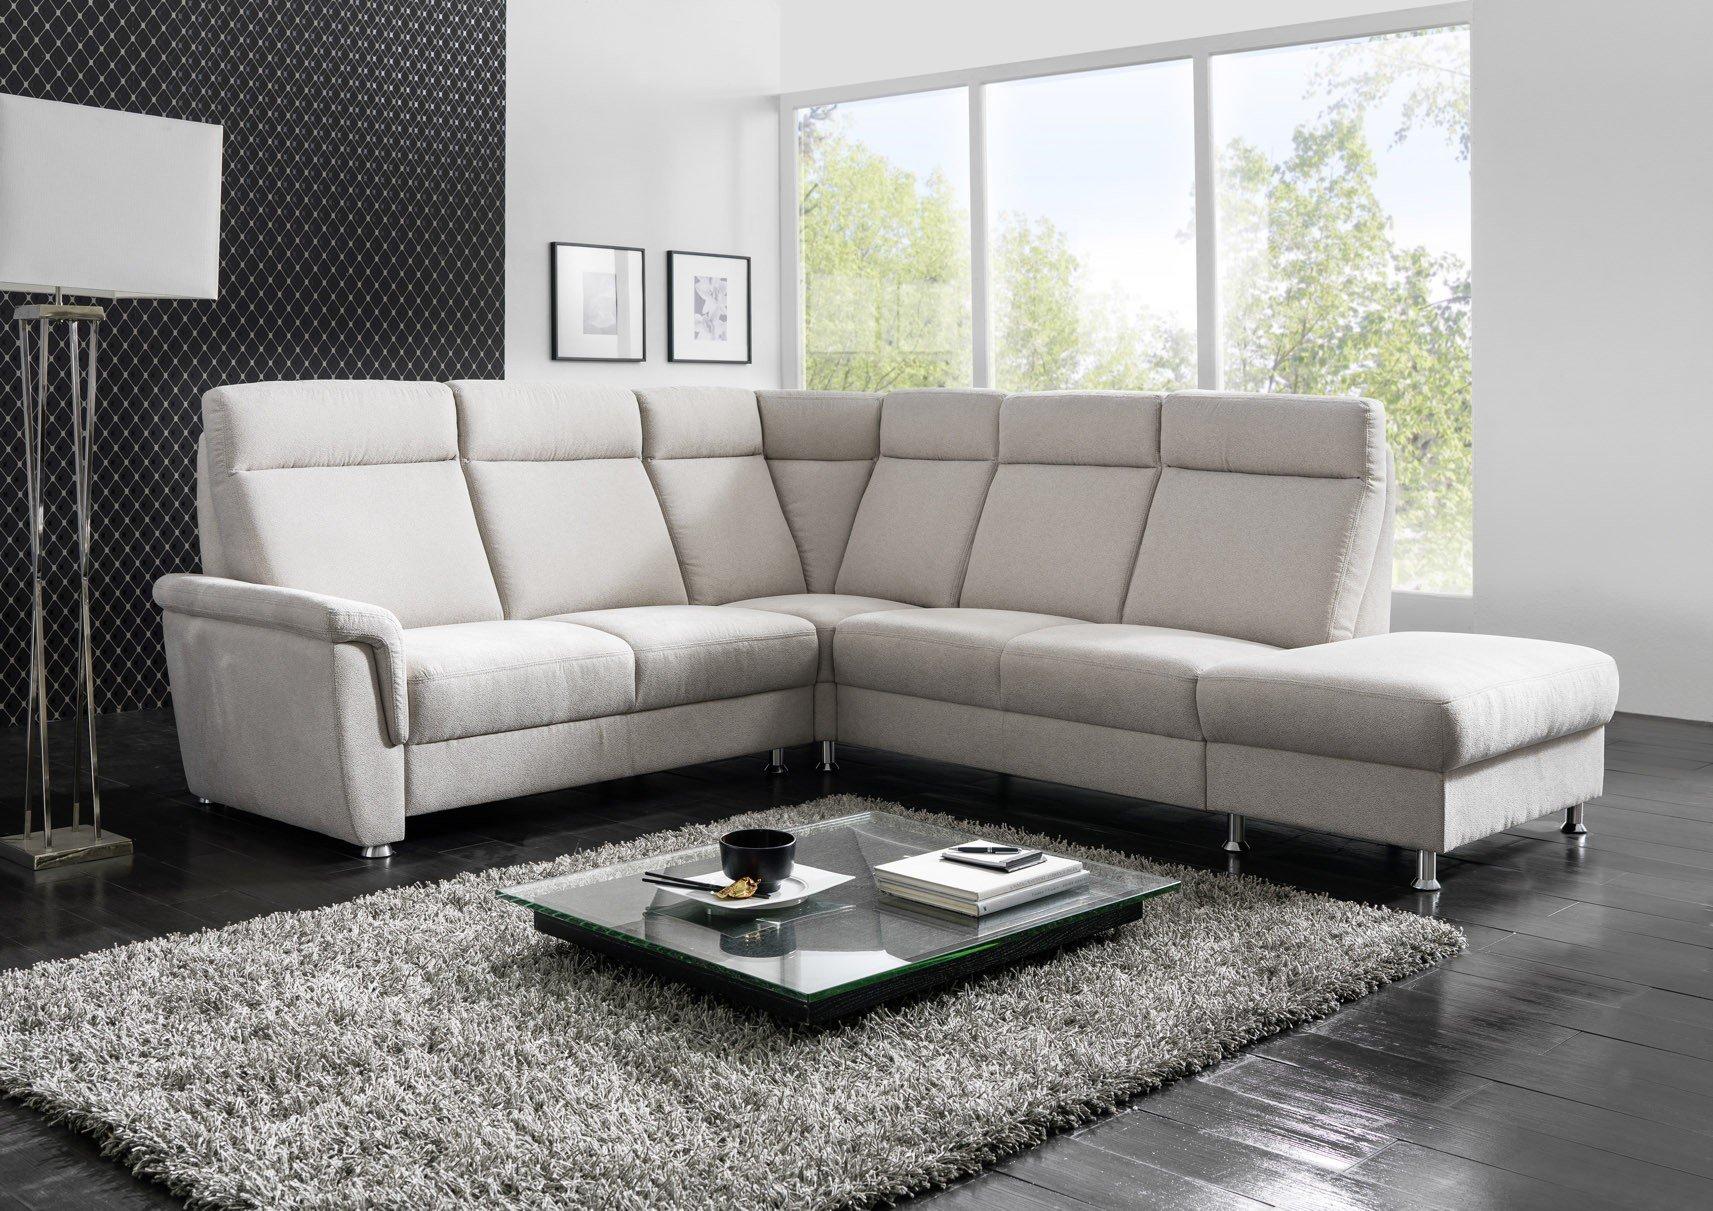 gruber polsterm bel imperial eckcouch im farbton stone m bel letz ihr online shop. Black Bedroom Furniture Sets. Home Design Ideas